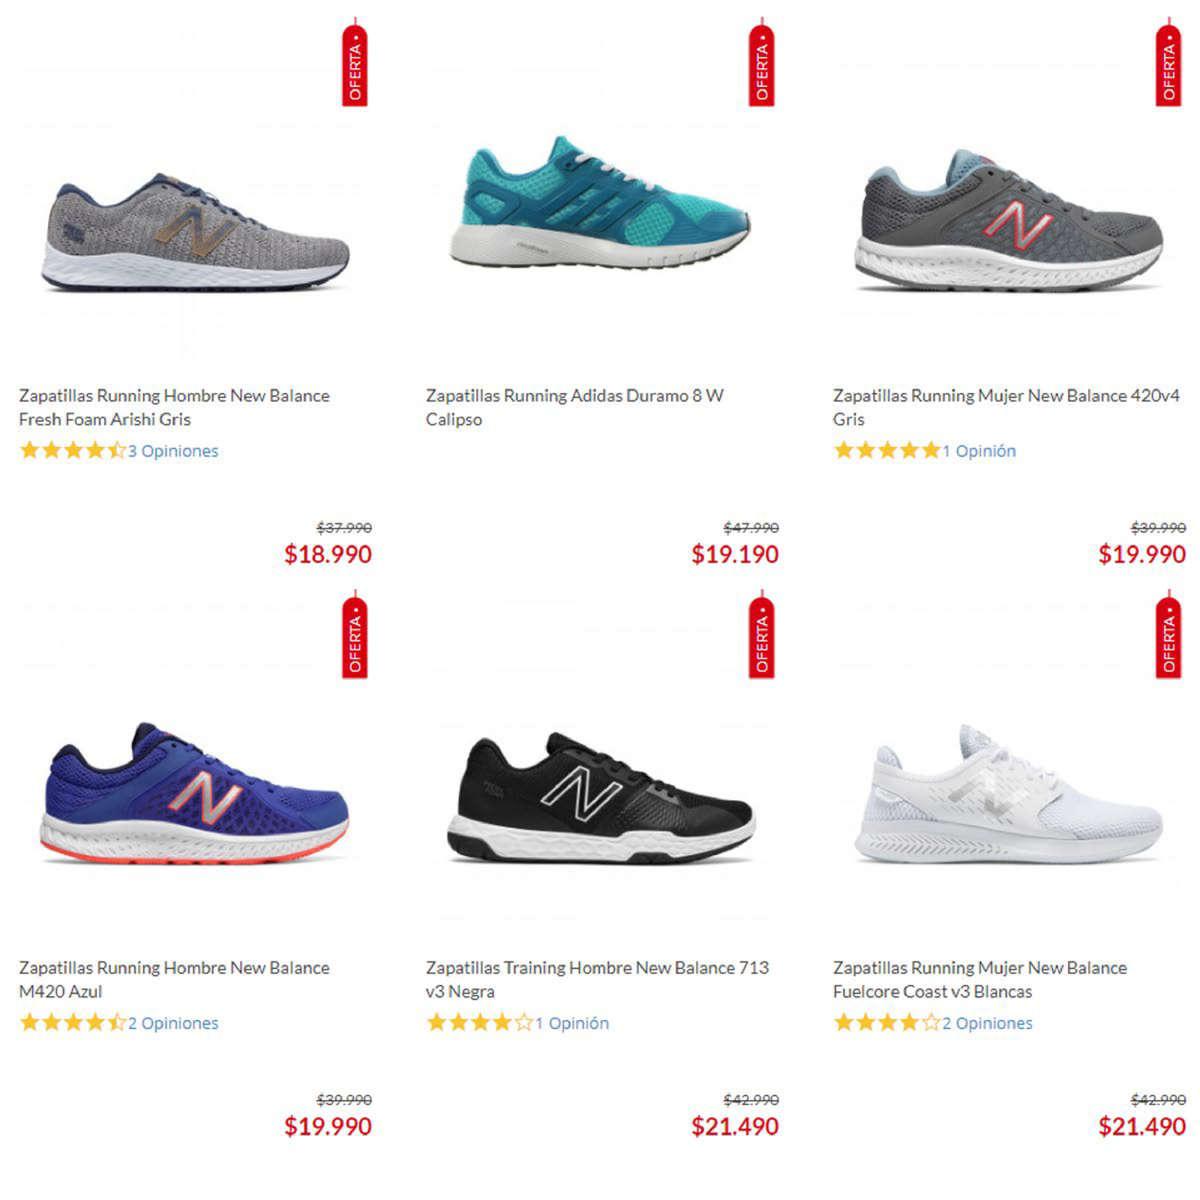 Comprar Zapatillas adidas en Melipilla - Ofertas y tiendas - Ofertia 857a19a84a408